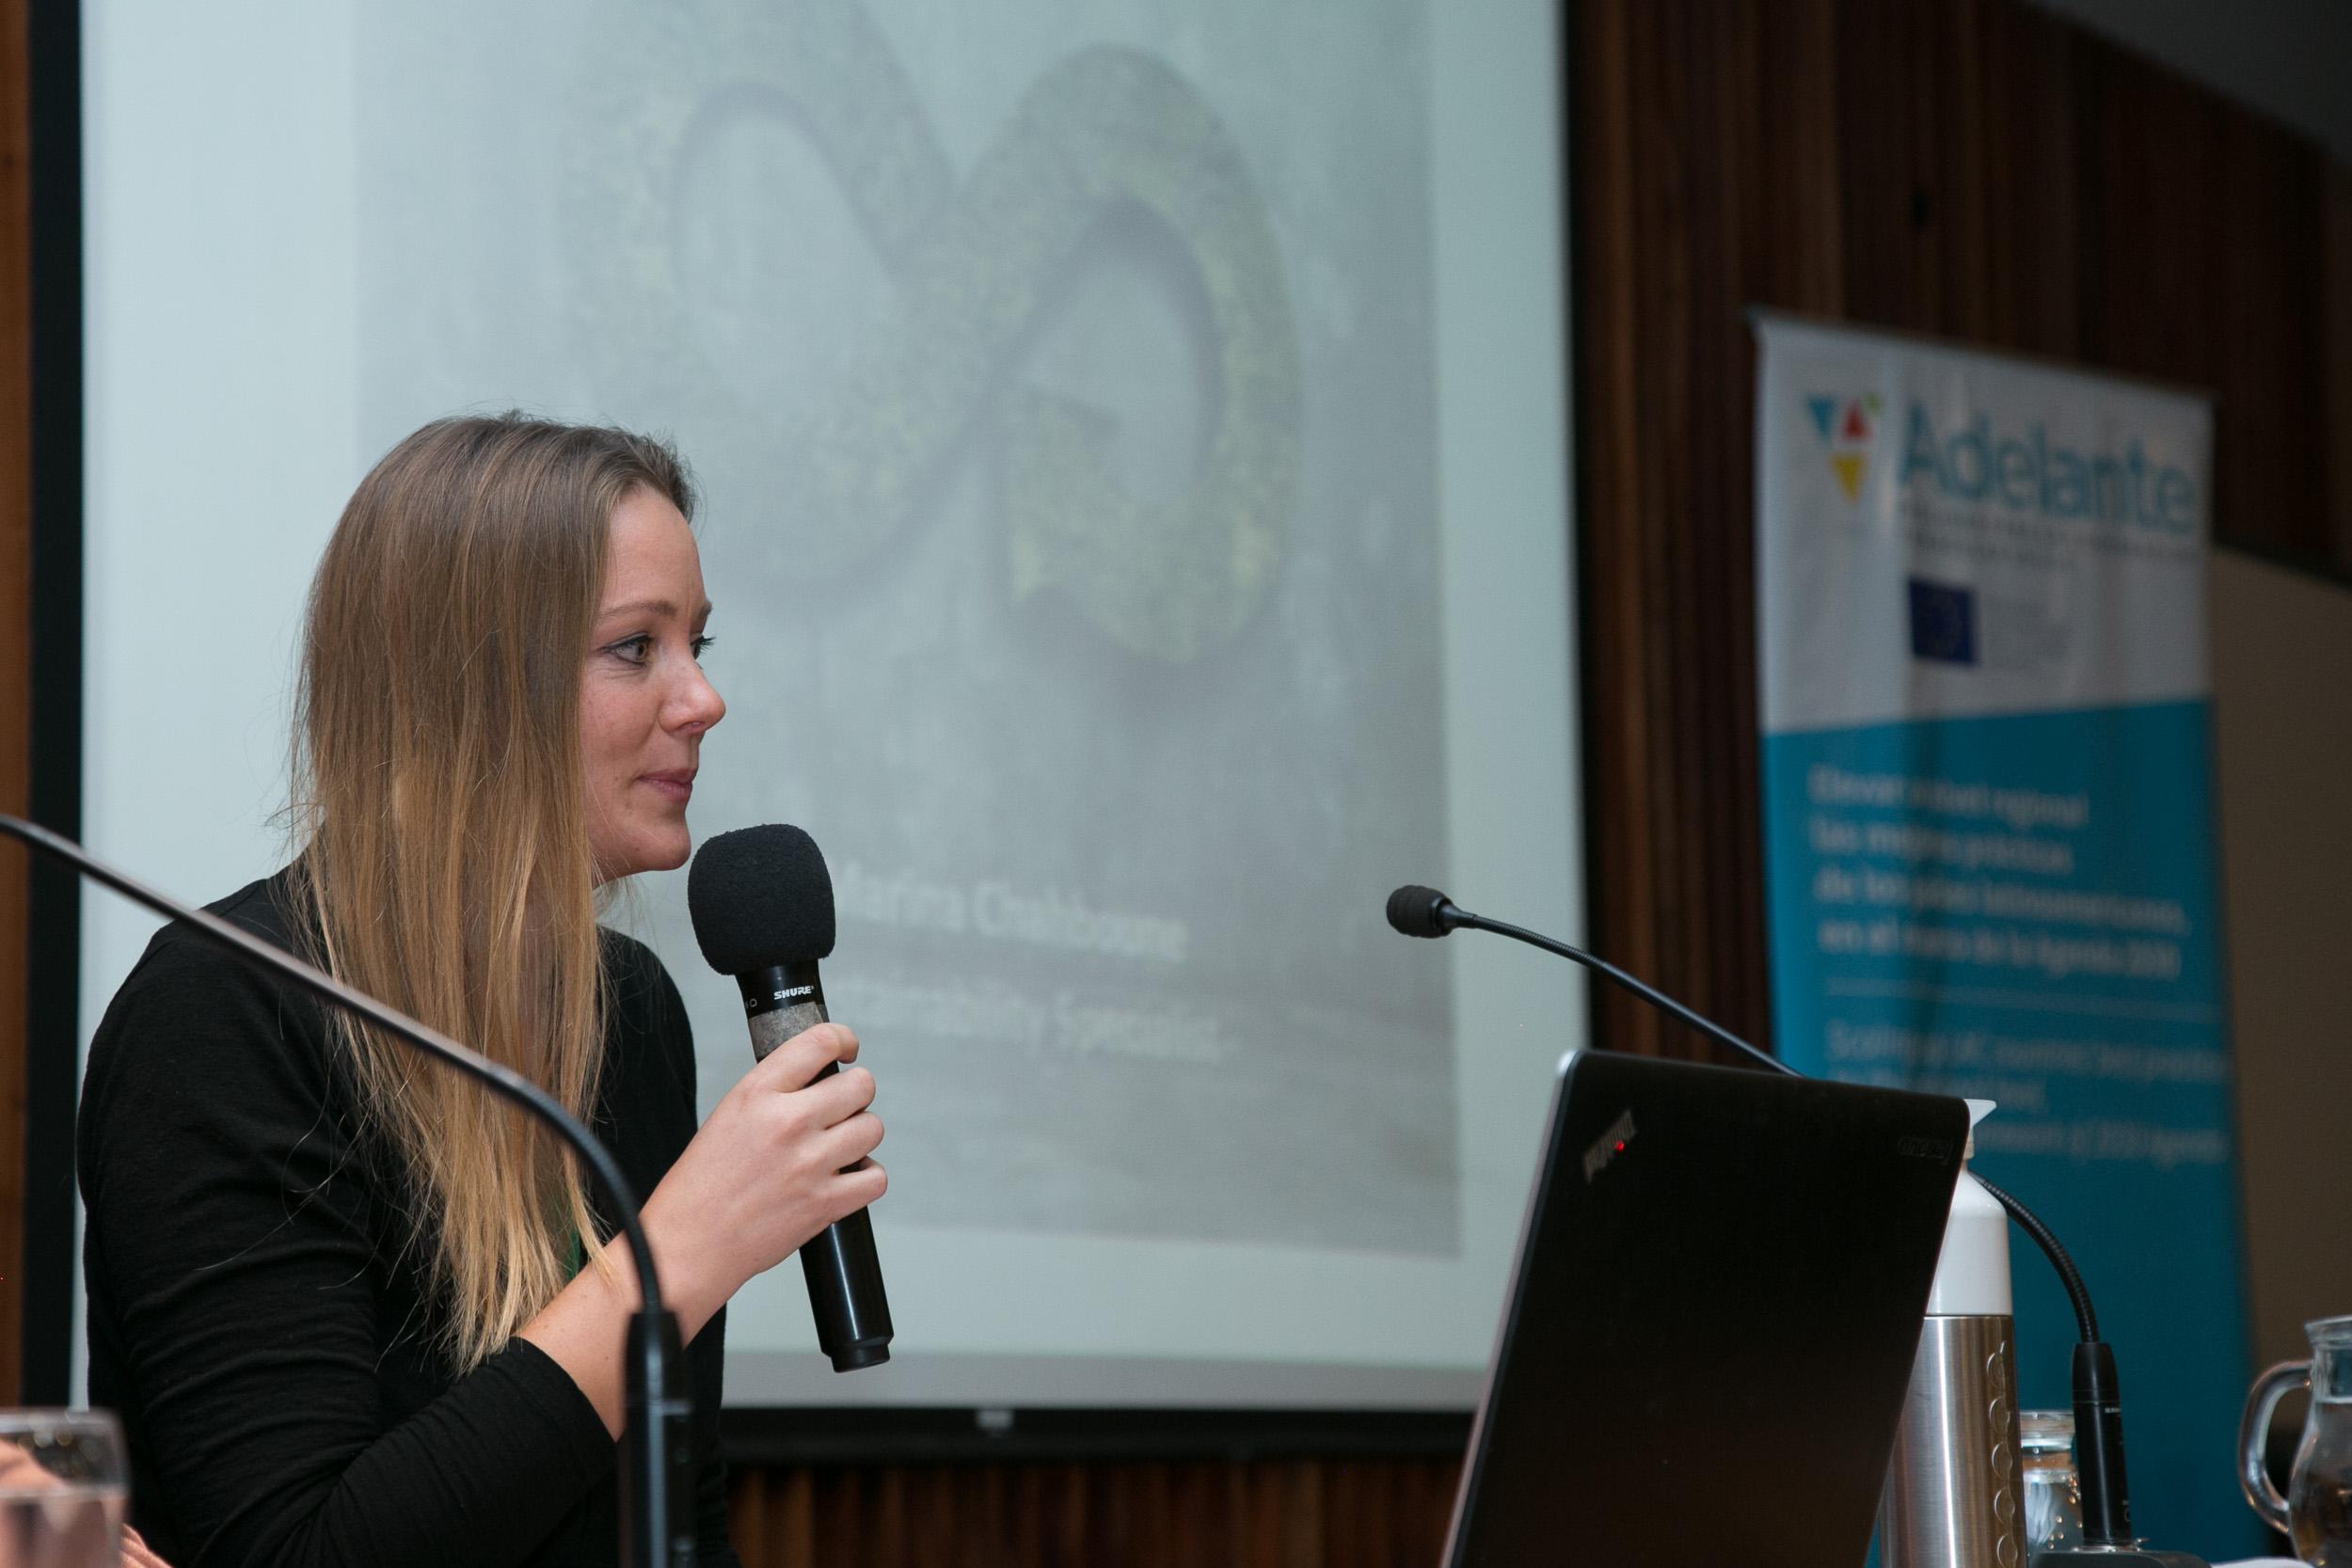 La experta en economía circular Marina Chahboune dictó una conferencia en el INTI.